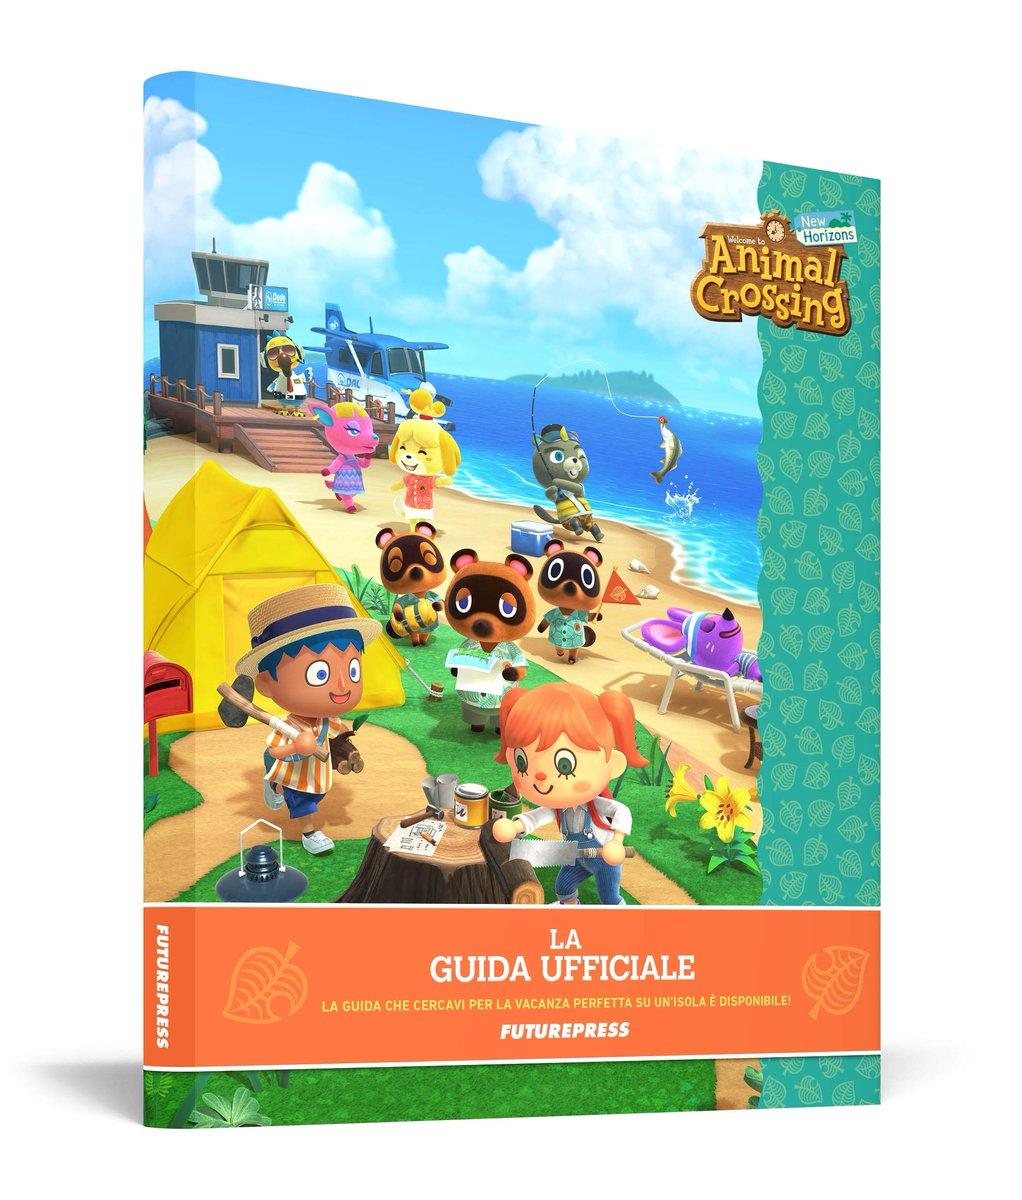 Se siete amanti di Animal Crossing: New Horizon vi ricordiamo che questa settimana esce la guida ufficiale in italiano. Link Amazon: https://amzn.to/2LUkzfGpic.twitter.com/6c7VfEKojB